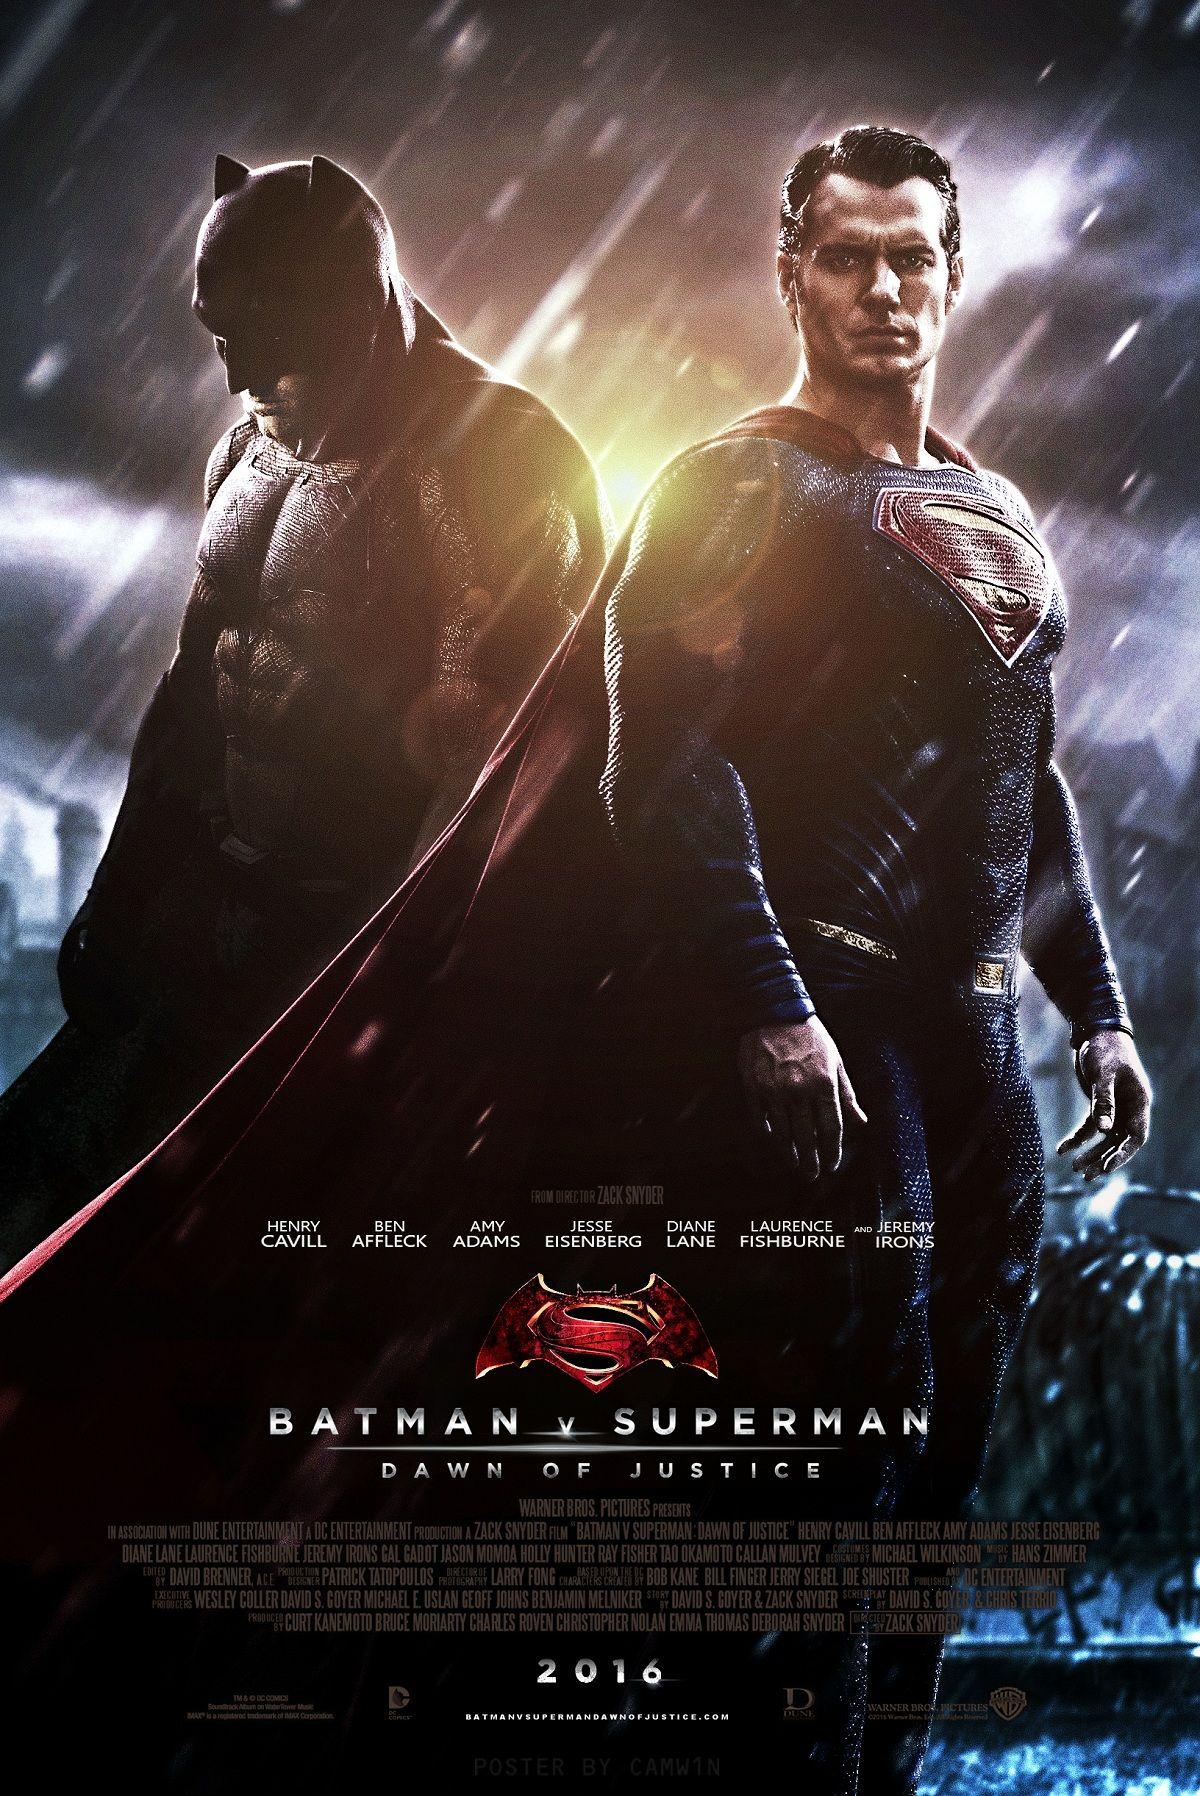 Batman V Superman Dawn Of Justice 2016 PG 13